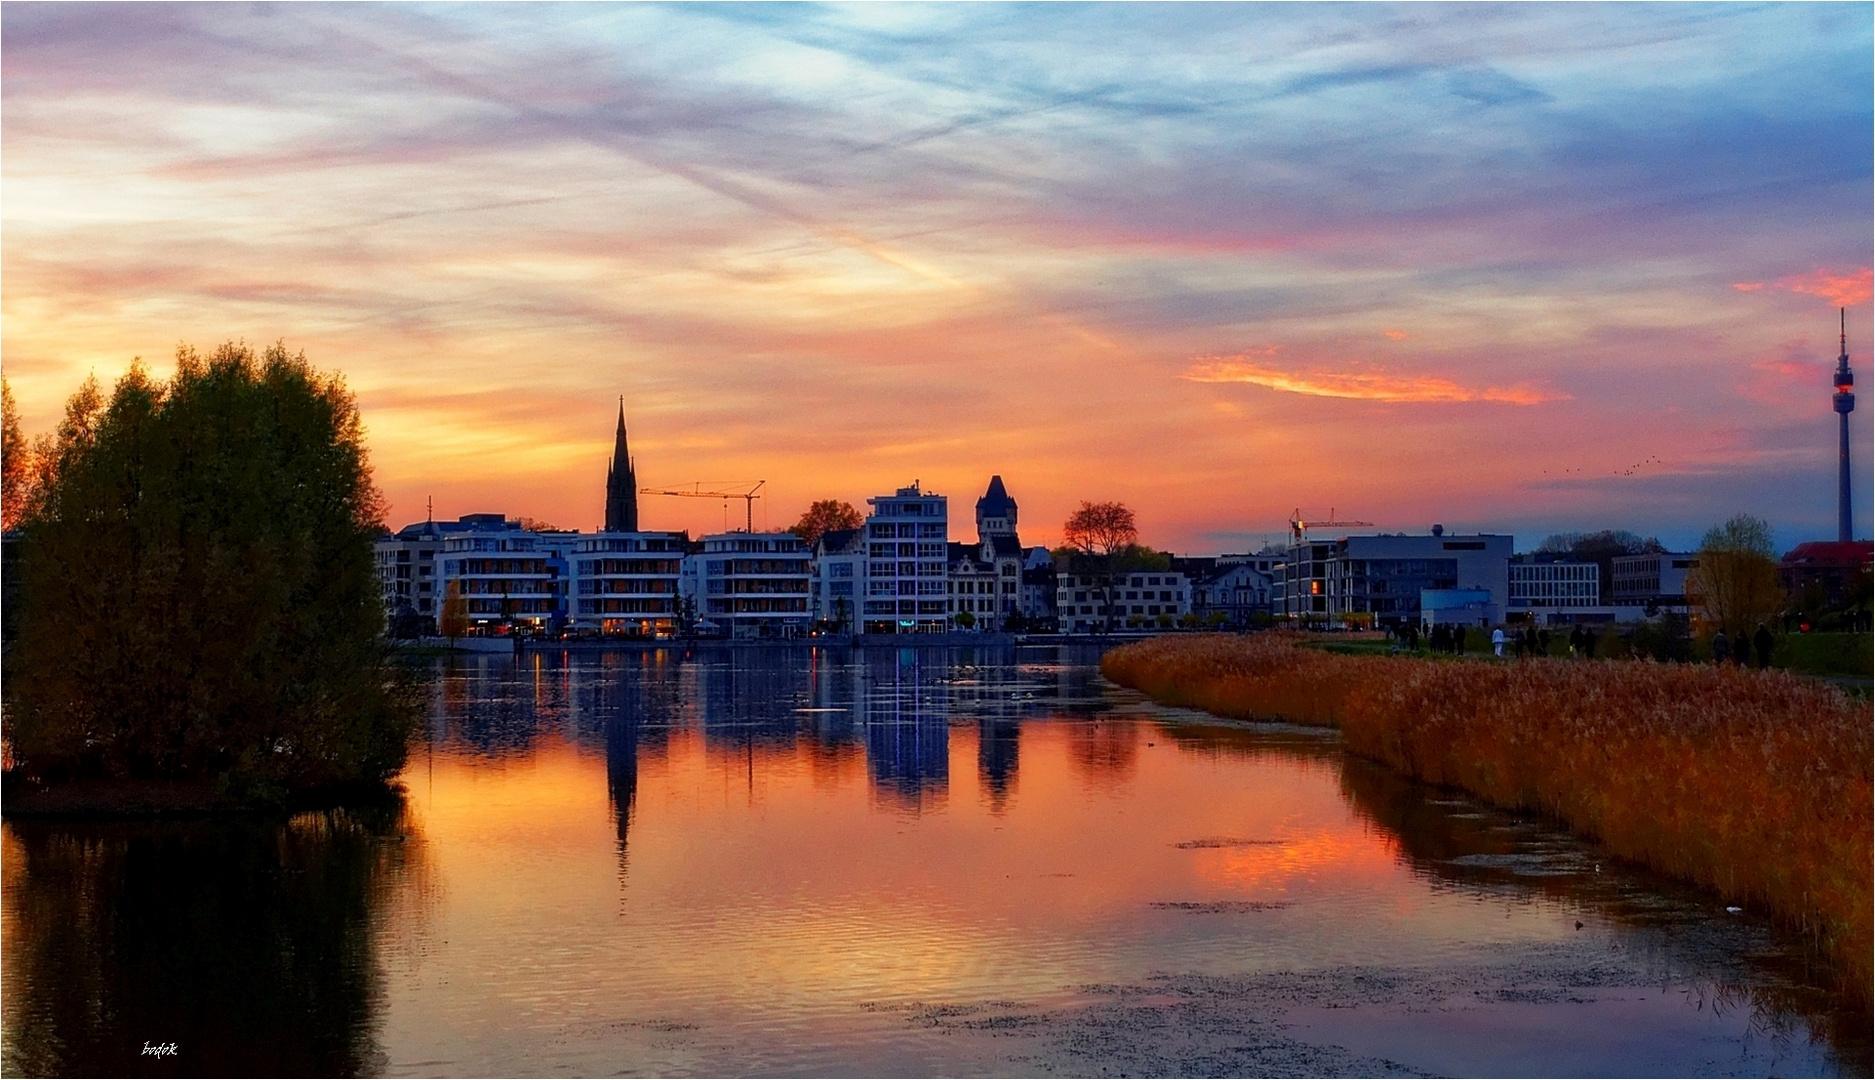 Der Dortmunder Phoenix-See in schönem Abendlicht